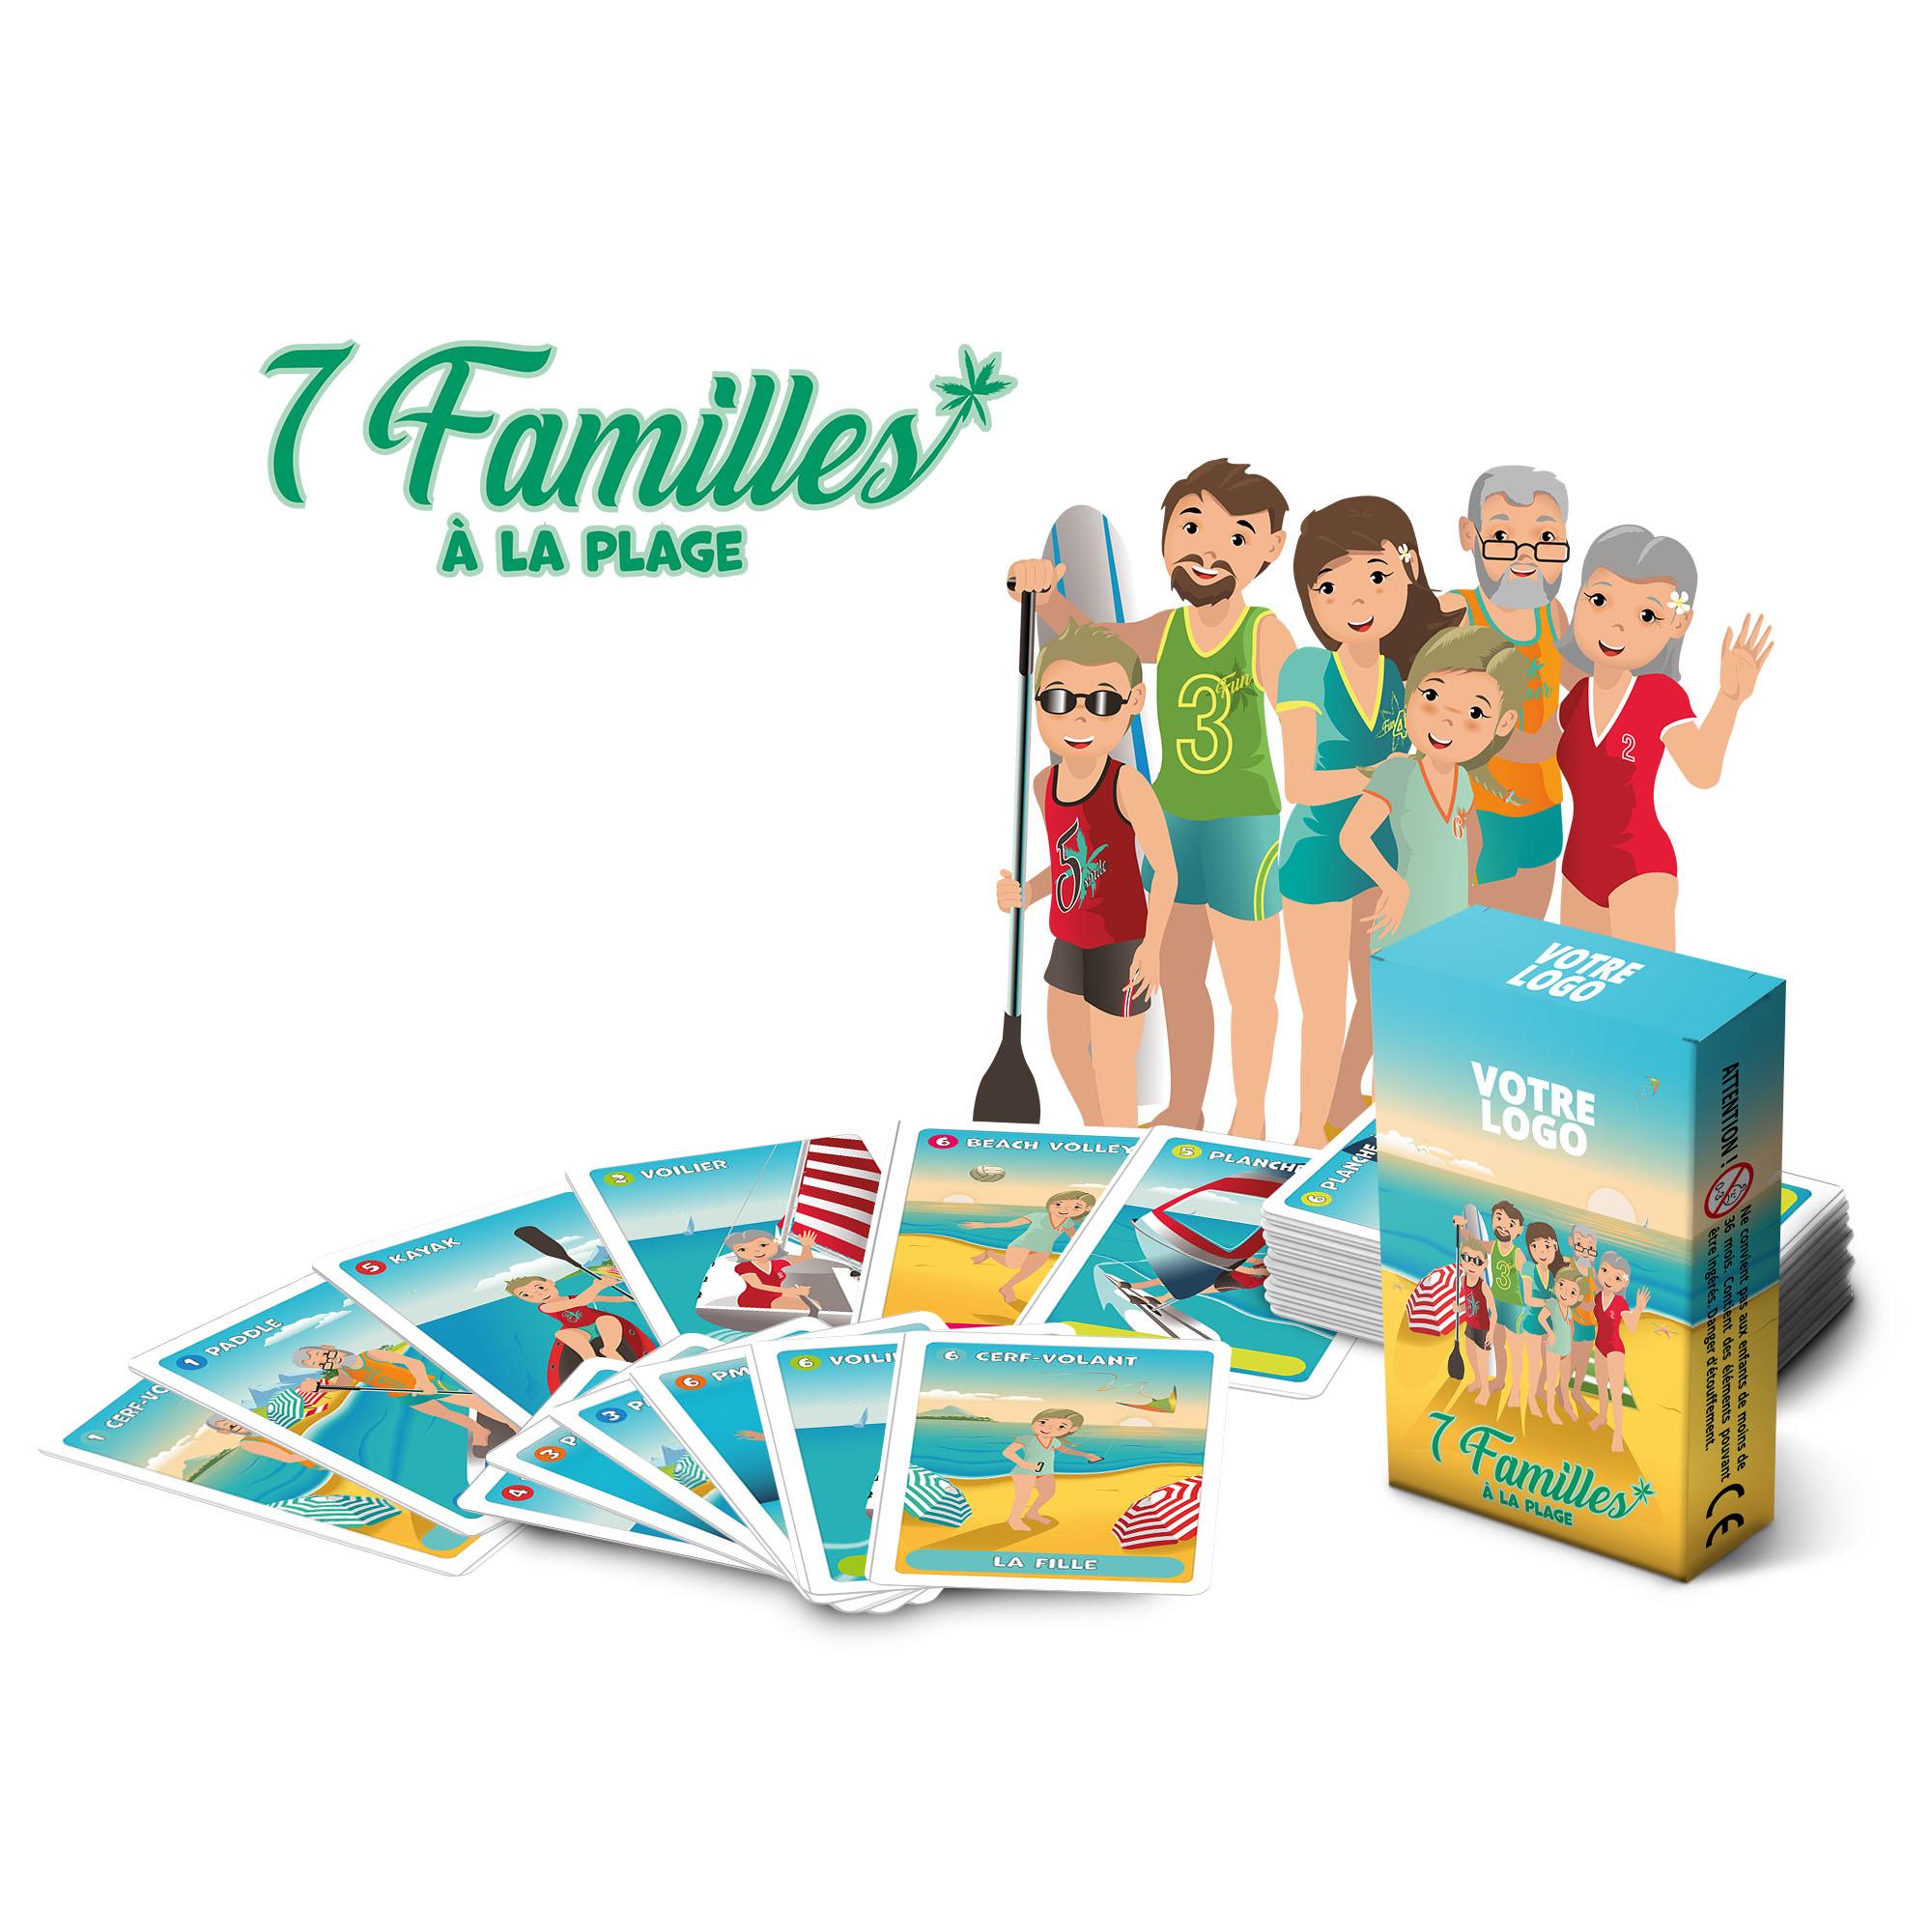 7 familles - à la plage - 44 cartes personnalisables-carton 300 g